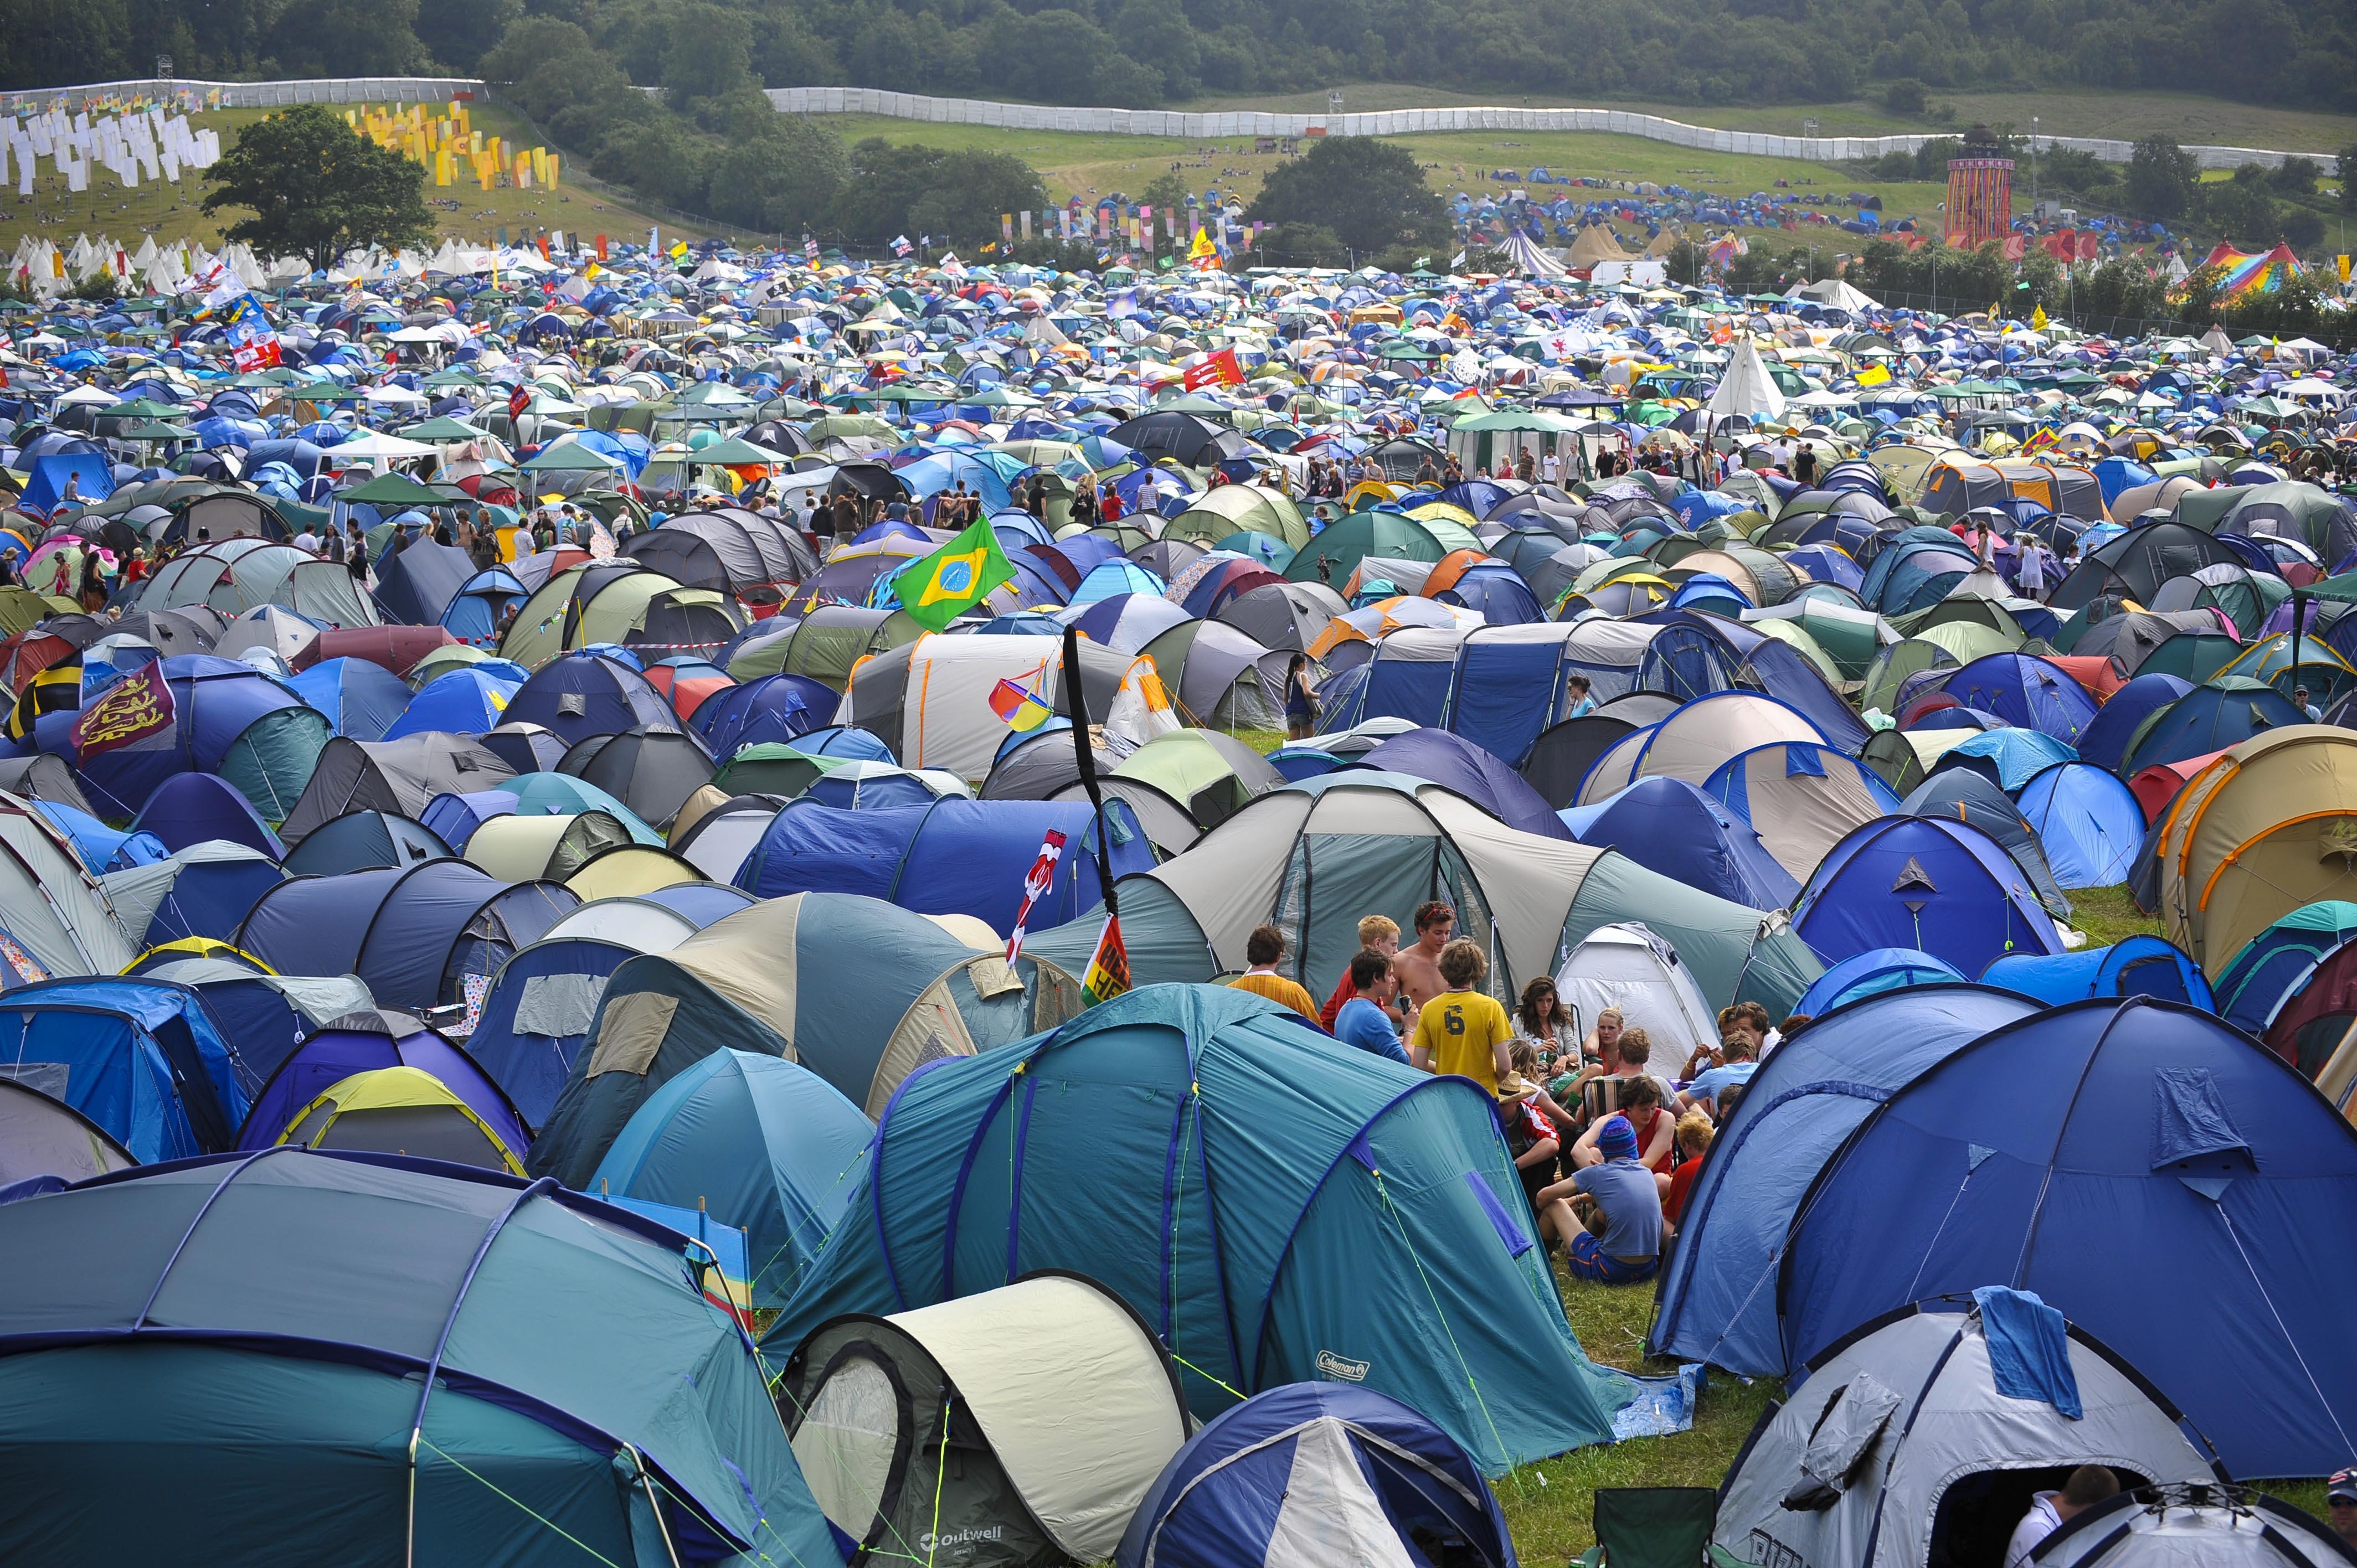 Glastonbury tents